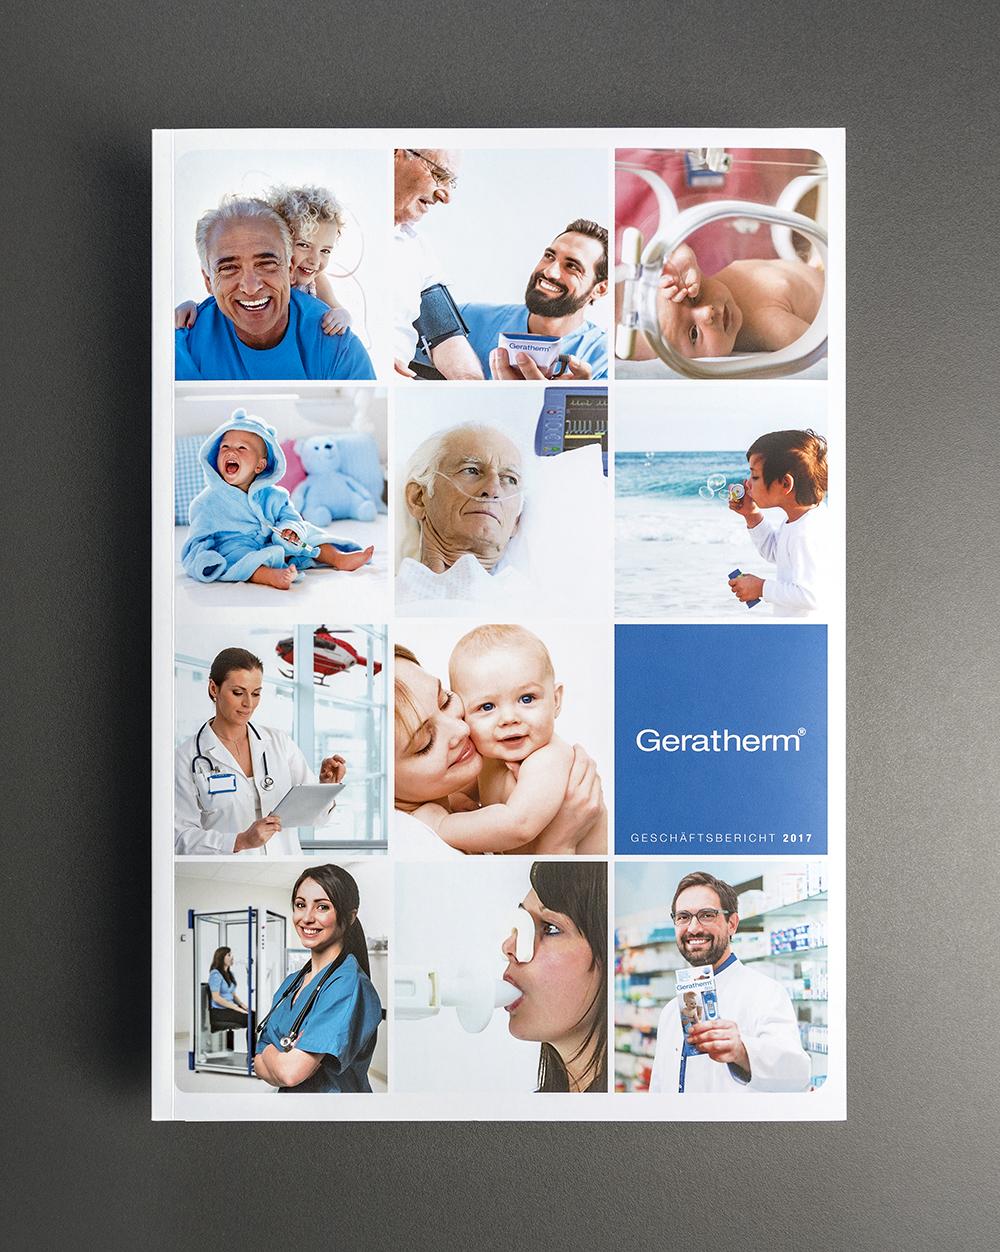 Geratherm Medical AG, Geschäftsbericht: Kreation, Layout, Satz- und Korrektur